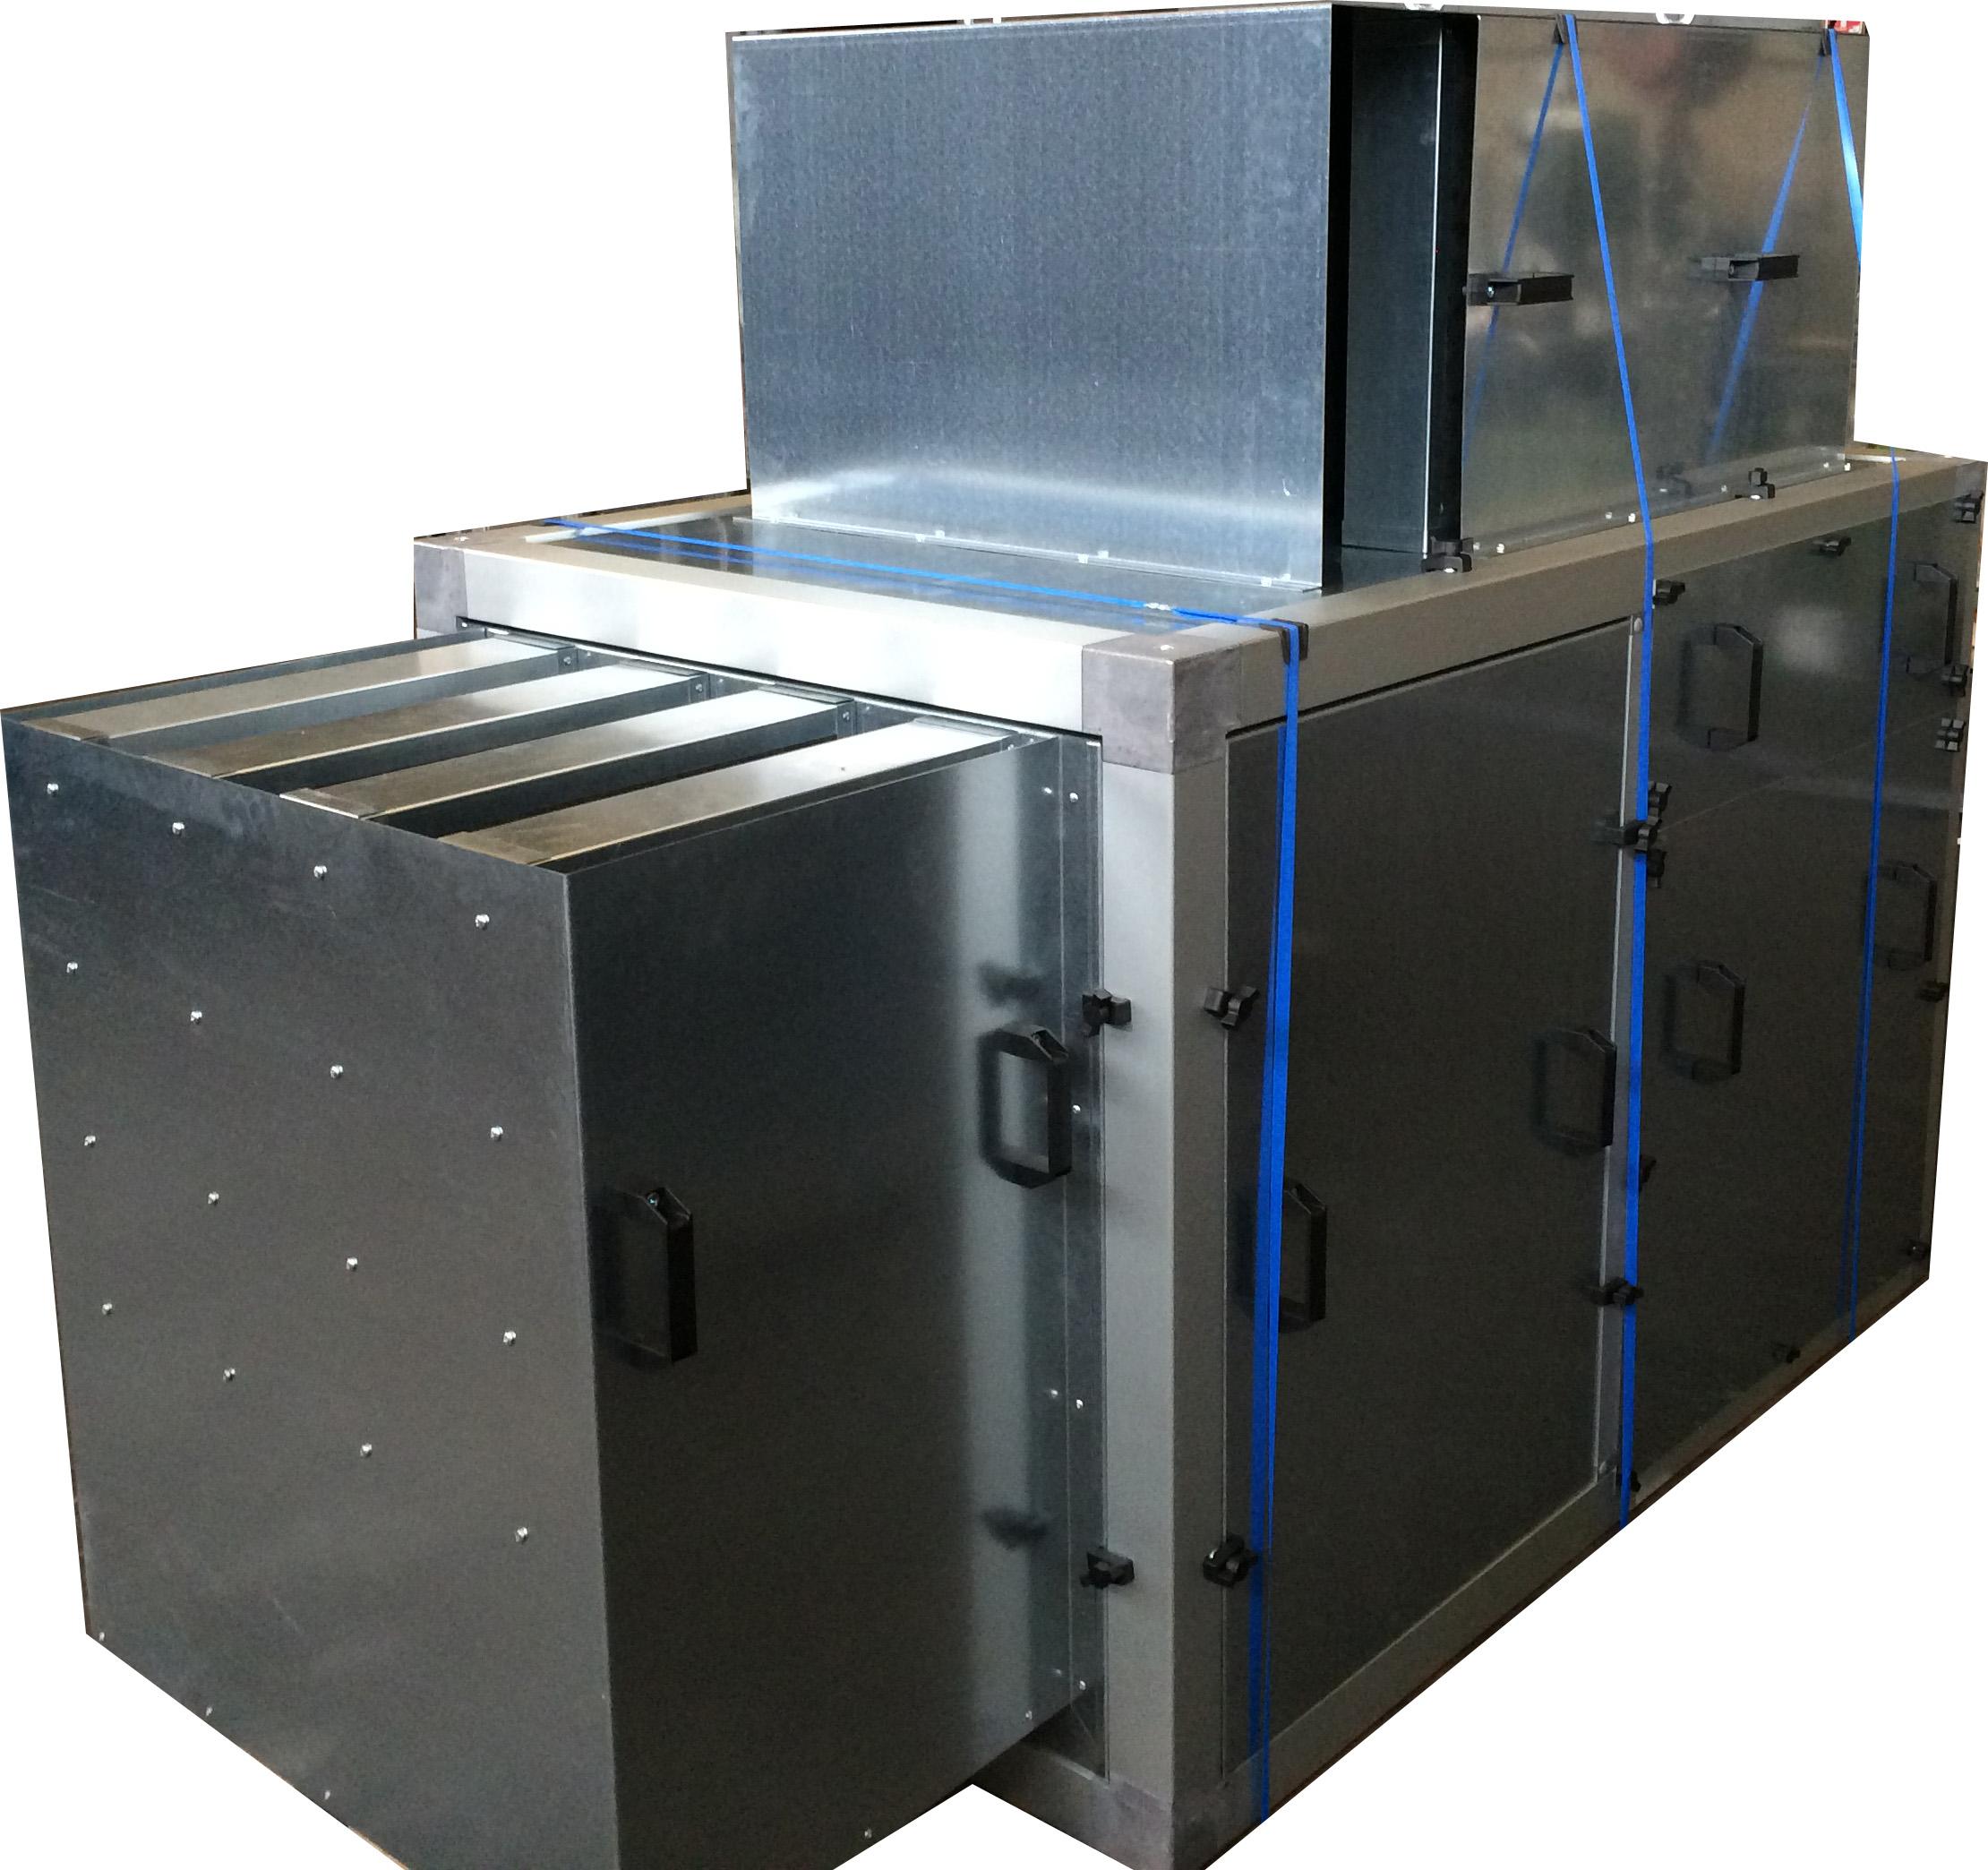 Capotage acoustique industriel tous les fournisseurs capotage acoustique - Isolation phonique climatisation ...